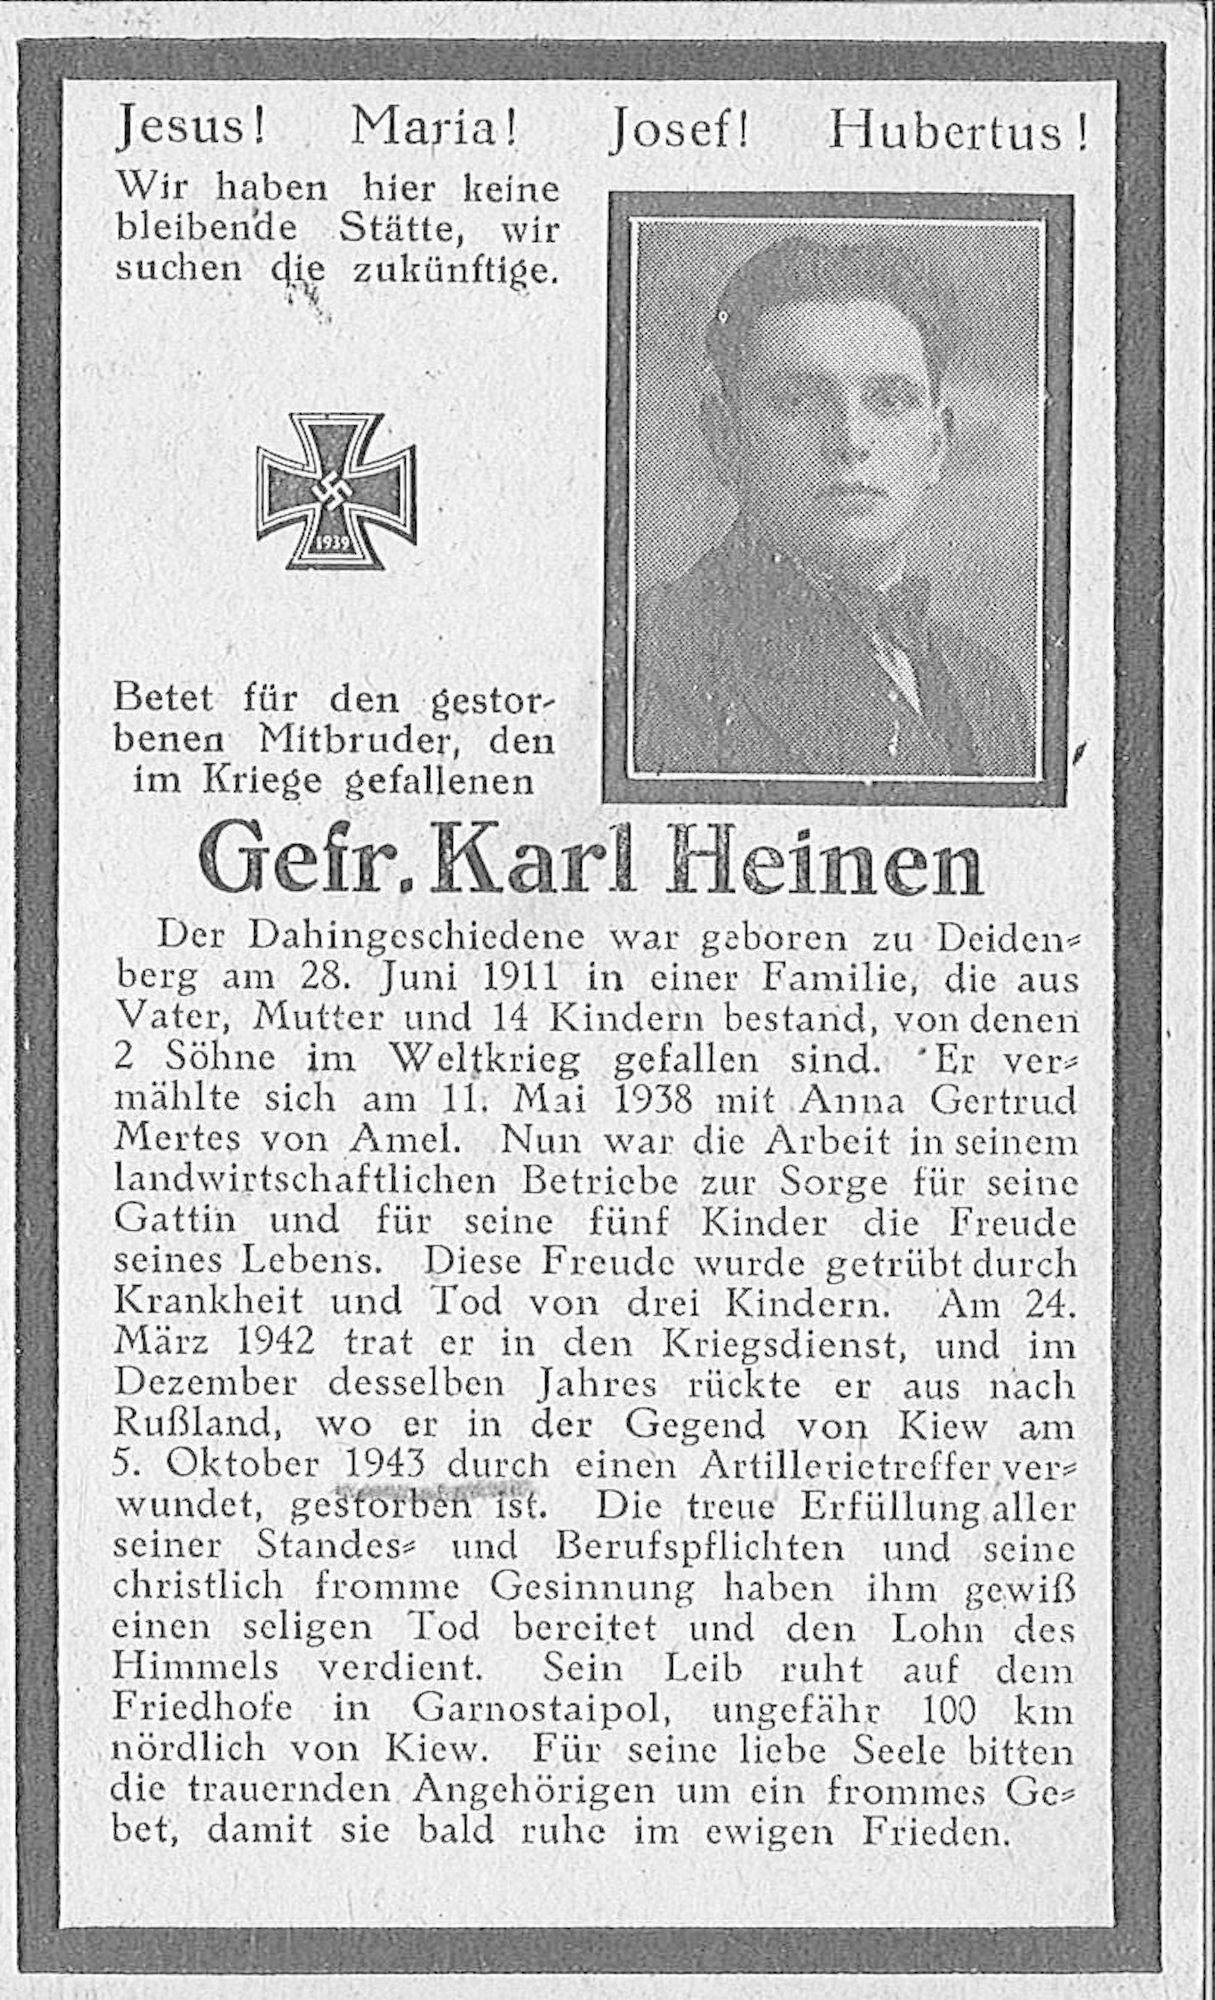 Karl Heinen